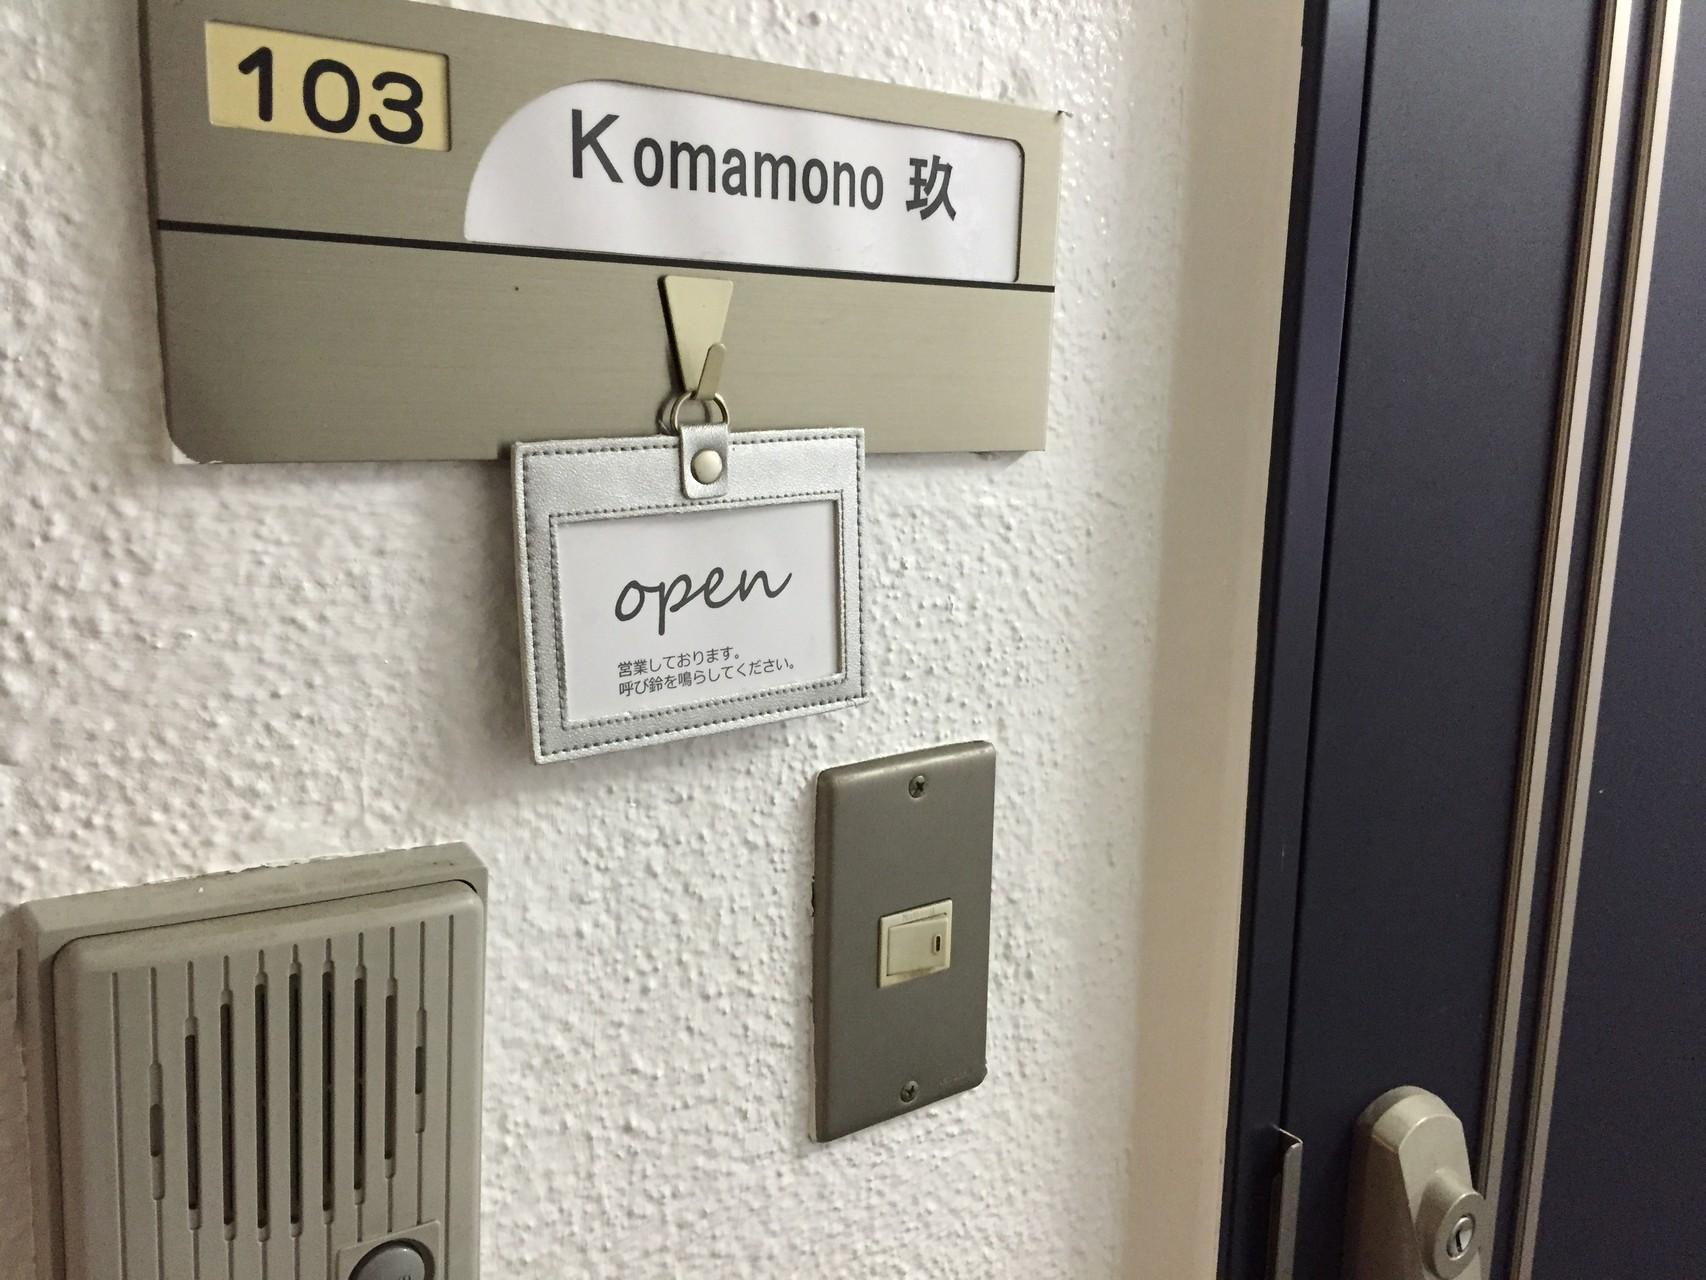 1階103号室です。普通の玄関なのです。施錠しておりますので呼び鈴を鳴らしてください。